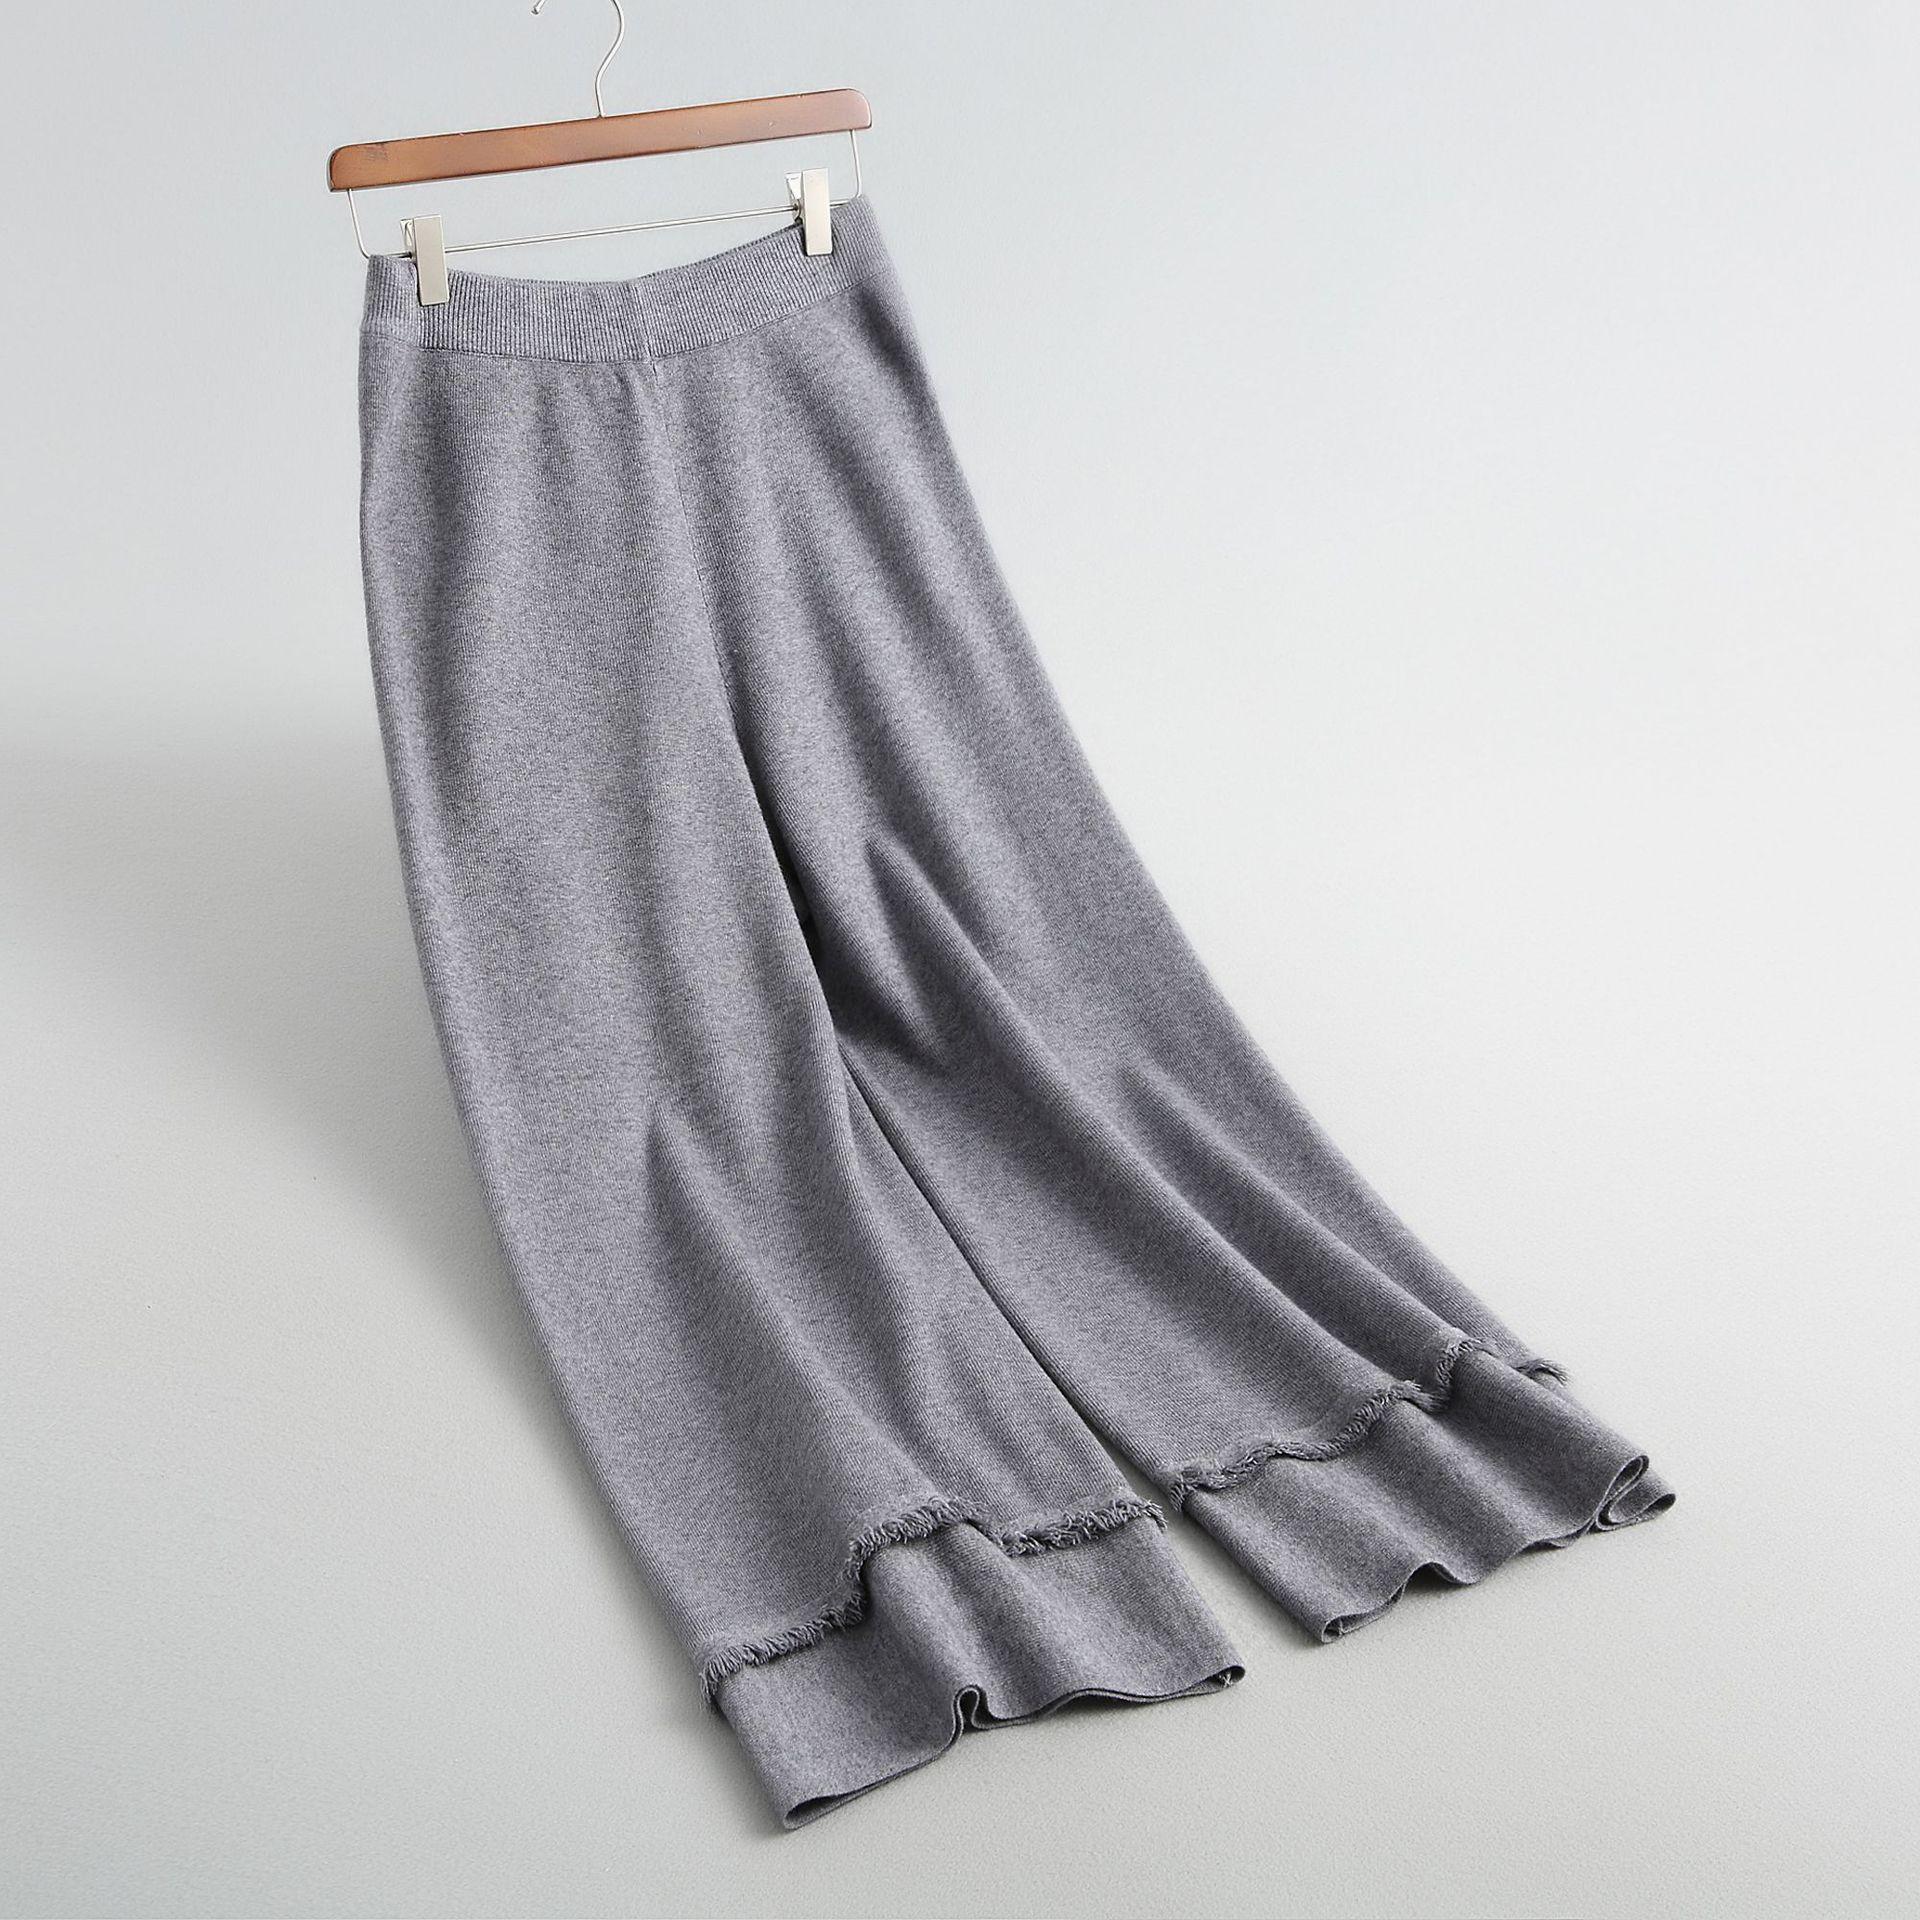 coral Nuevo gris Moda Otoño Punto Anchos Pierna Inviernos Beige Fondo Knitting Rojo Pantalones De amarillo Del 2018 Borla Mucho Mujeres Ancha negro xwUISRX6q